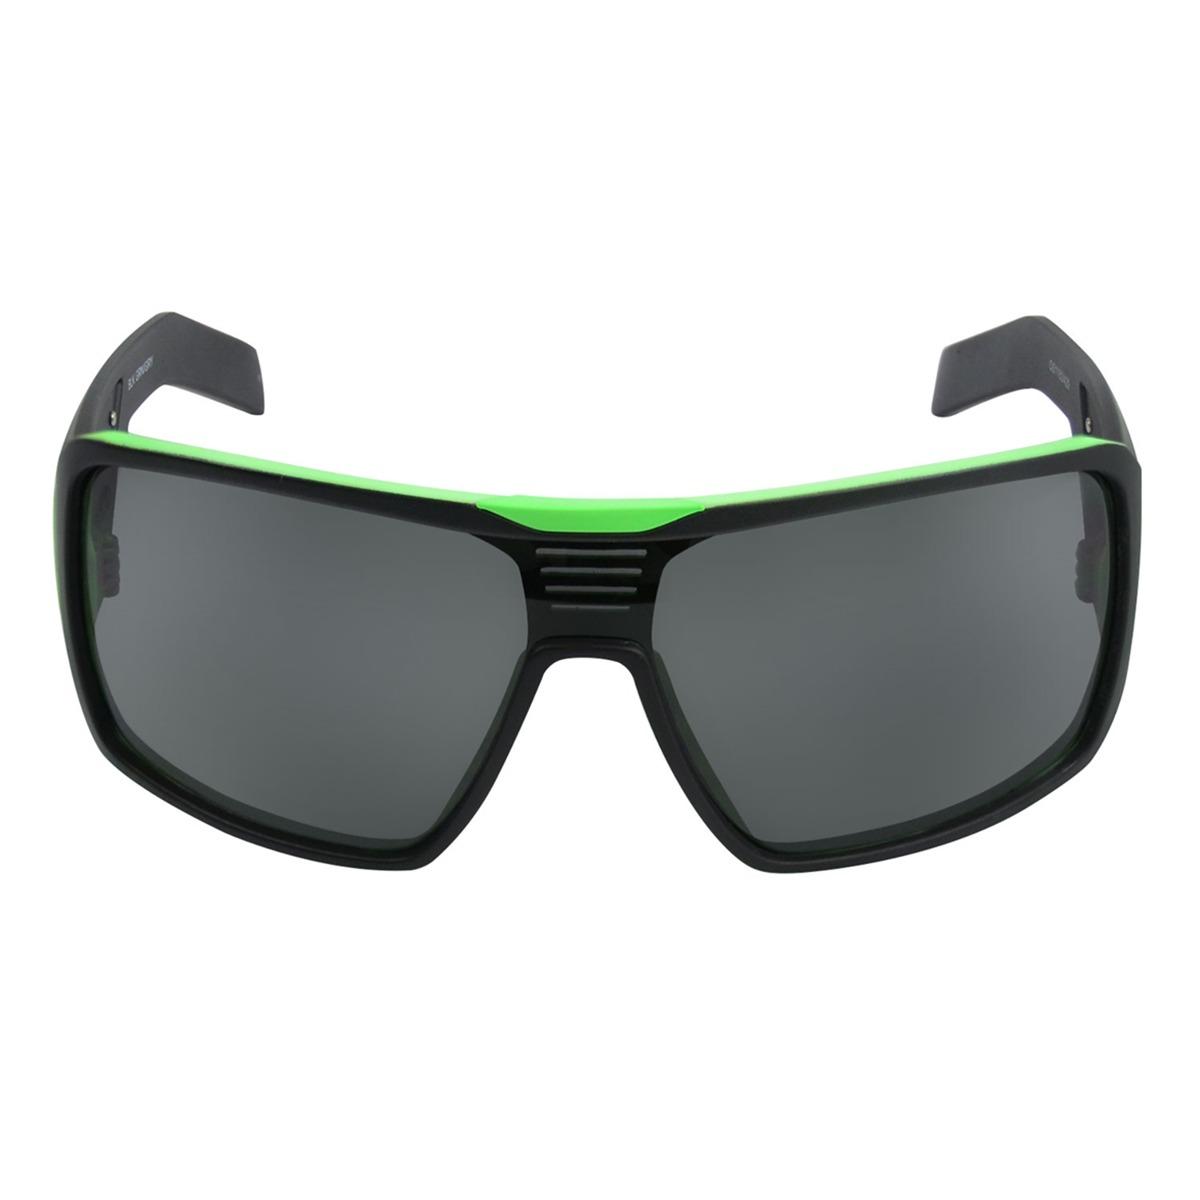 c87ba89cf796c óculos quiksilver mackin black green. Carregando zoom.